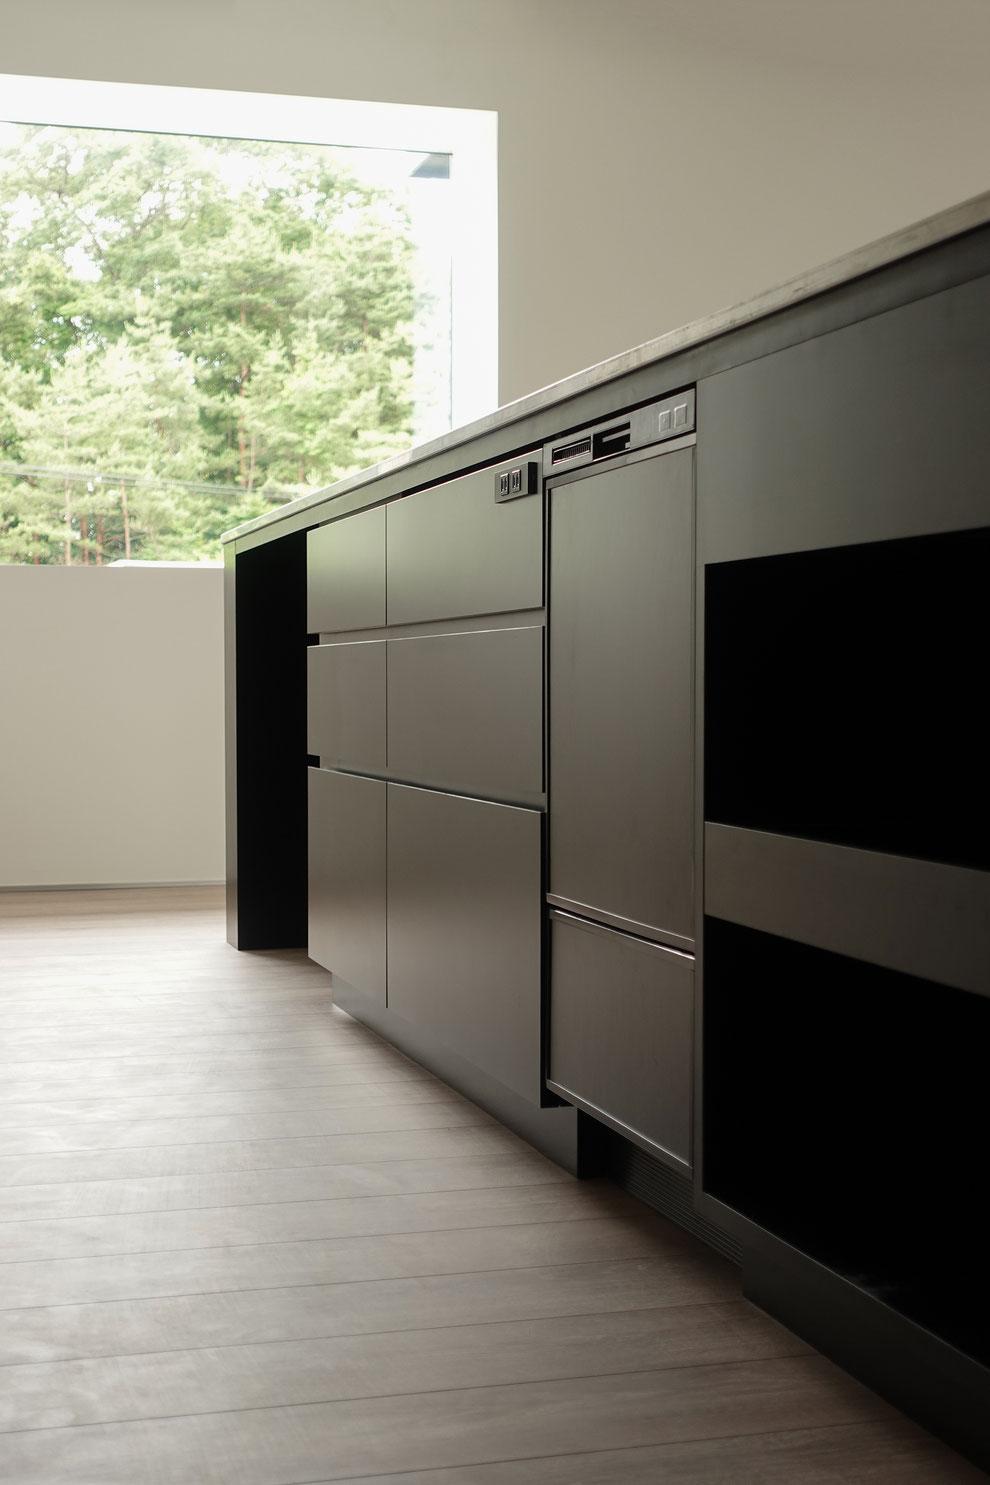 オーダーメイドキッチン ステンレス天板 オーダー家具 秋保 食洗機